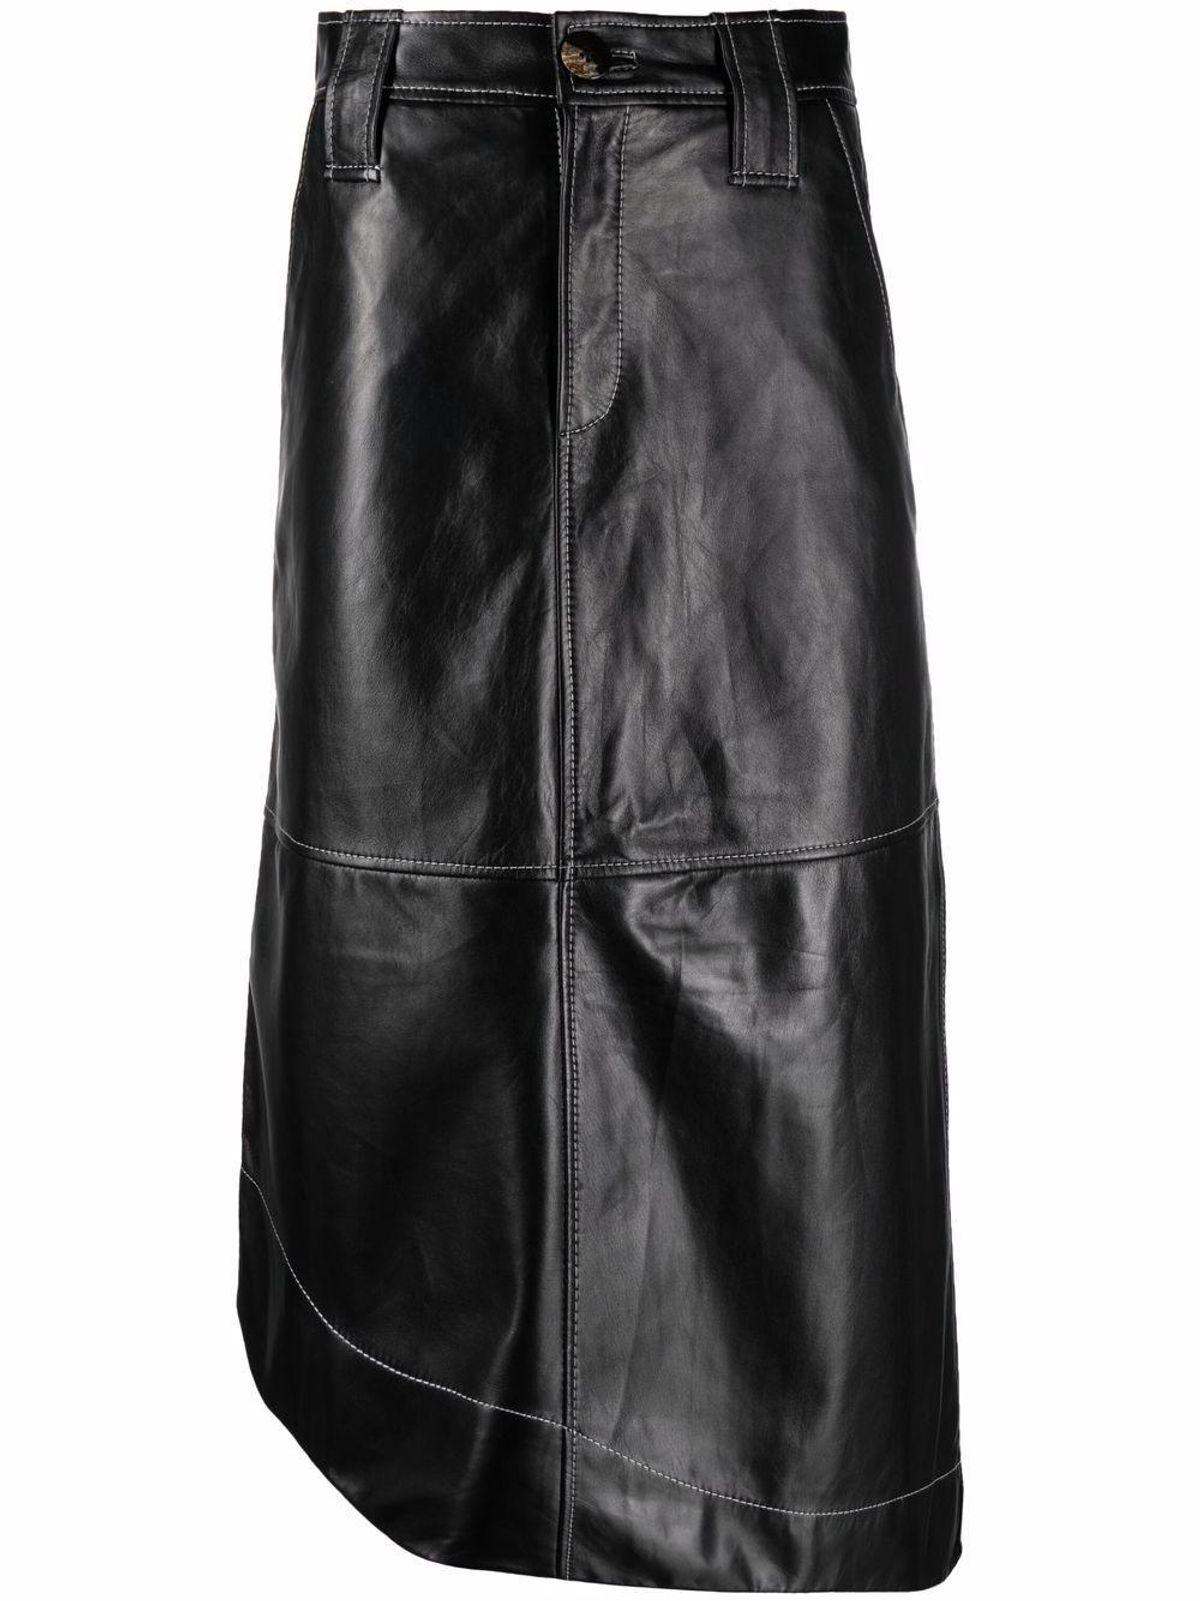 High-waisted Leather Skirt